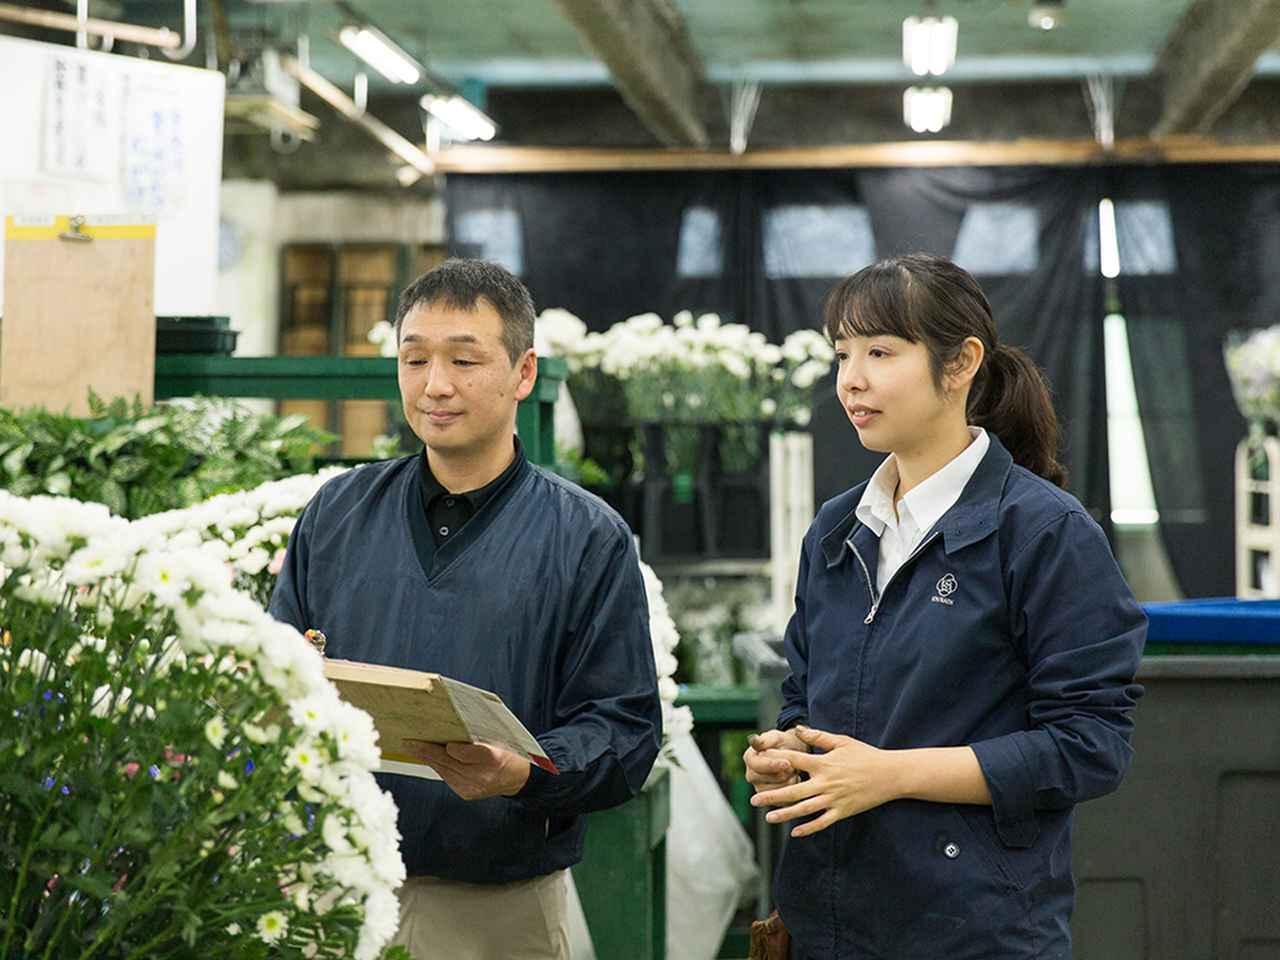 画像: カタログどおりに仕上がっているか、型番通りであるか、内勤担当者が最終チェックするのがルール